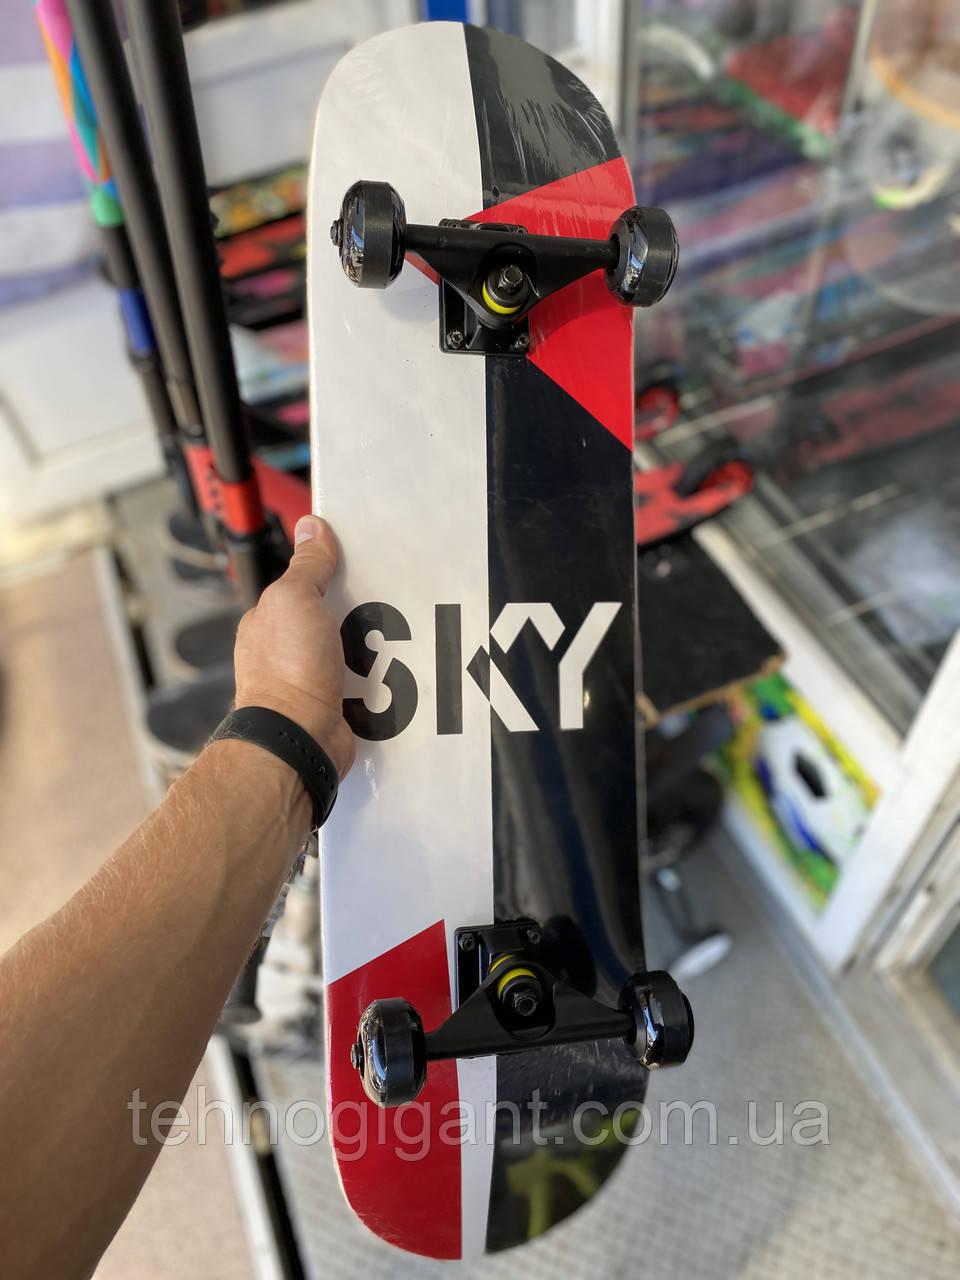 """Скейт деревянный, Скейтборд """" Sky """" , натуральный канадский клен, дека 79х20 см, супер качество"""